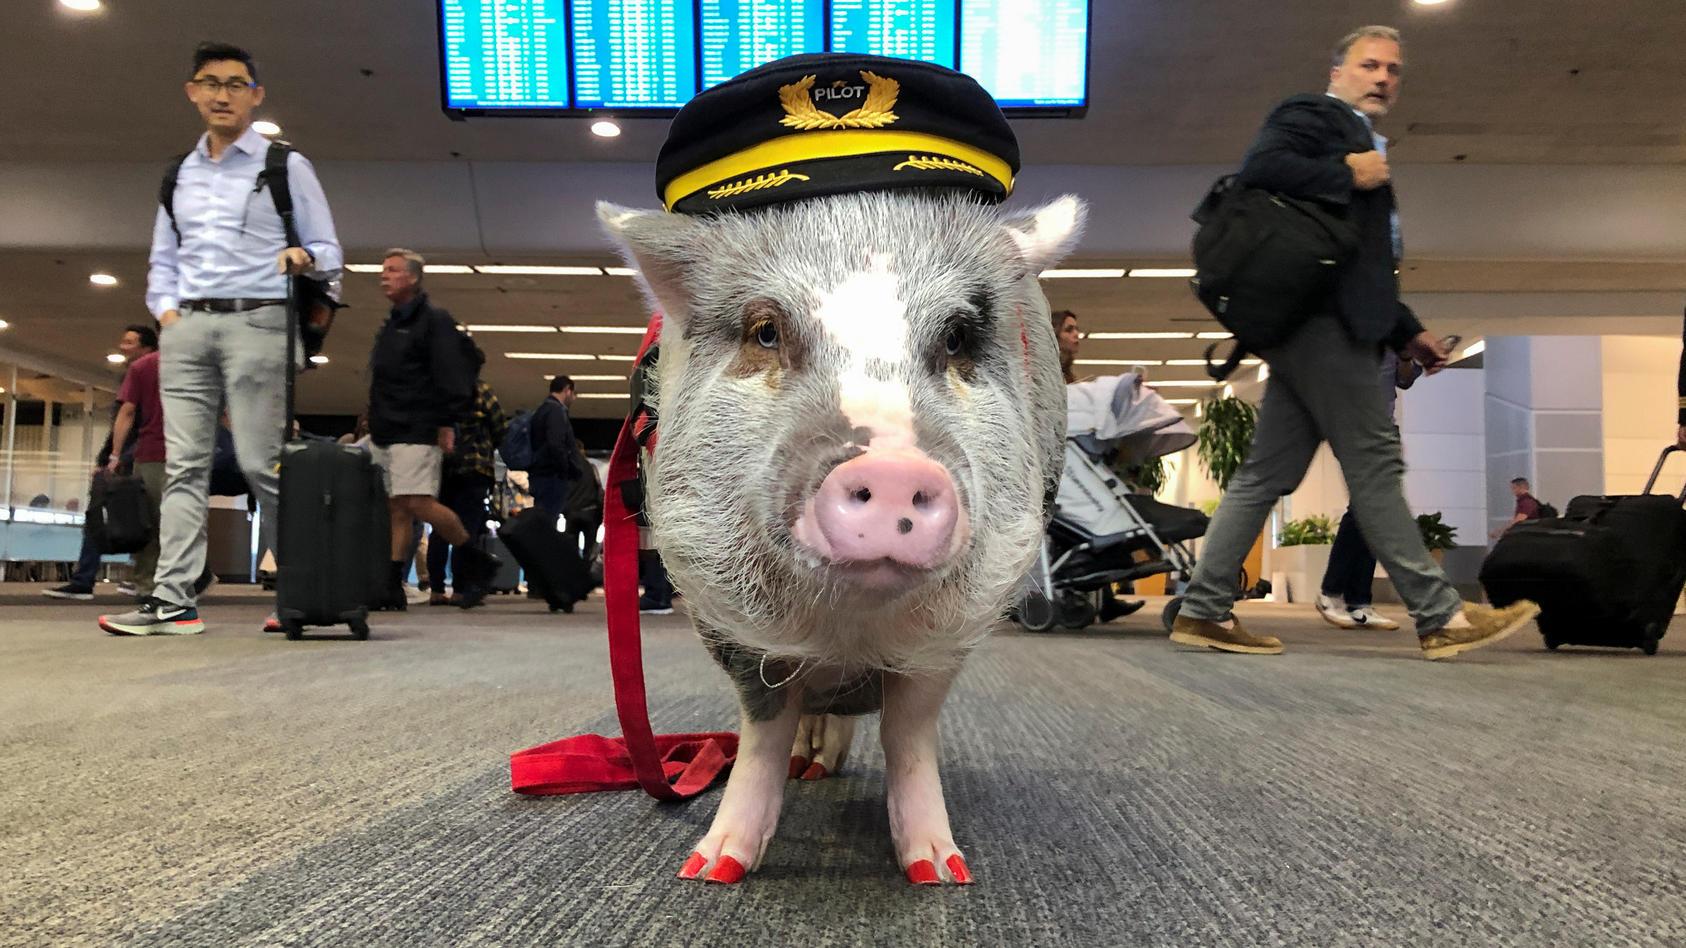 LiLou ist ein Therapieschwein - wegen ihres großen Erfolgs am Flughafen in San Francisco, wird die Aktion auf 50 weitere Städte ausgeweitet.